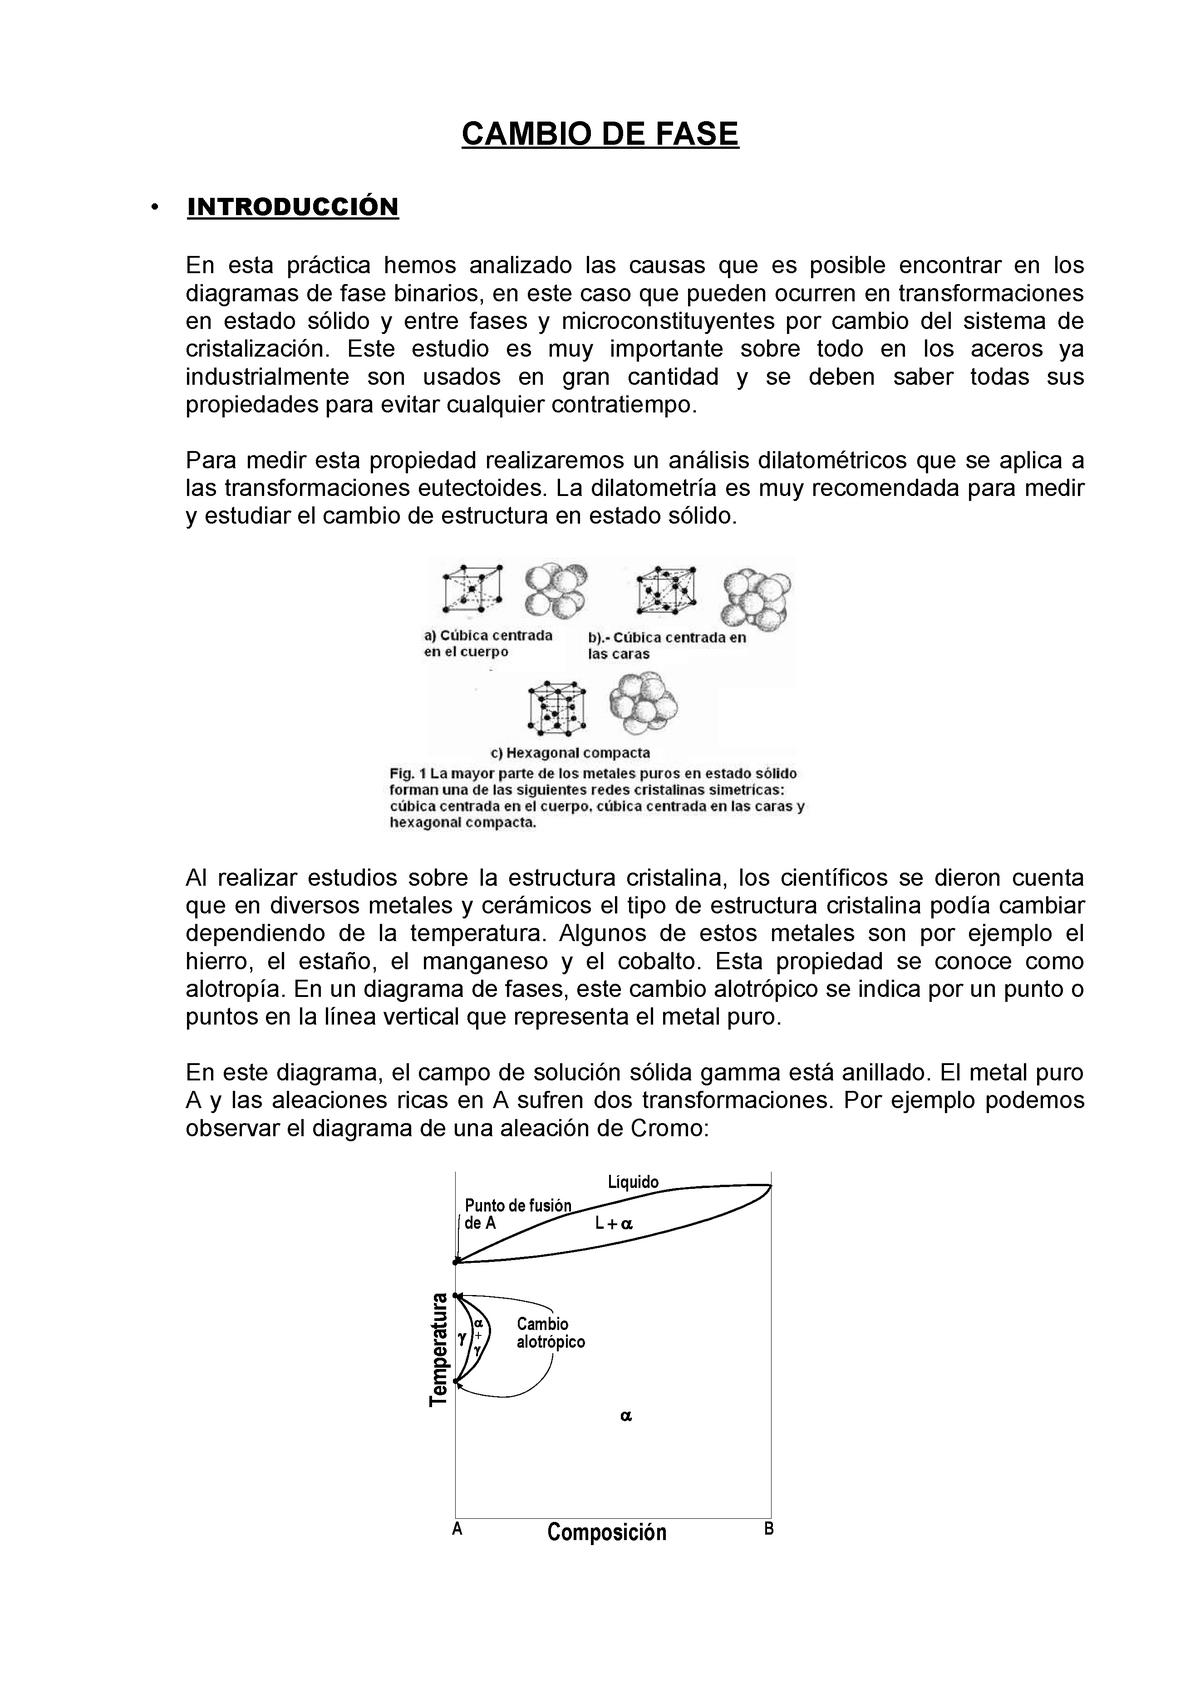 Memoria Práctica 6 Ciencia De Materiales 11411 Upv Studocu